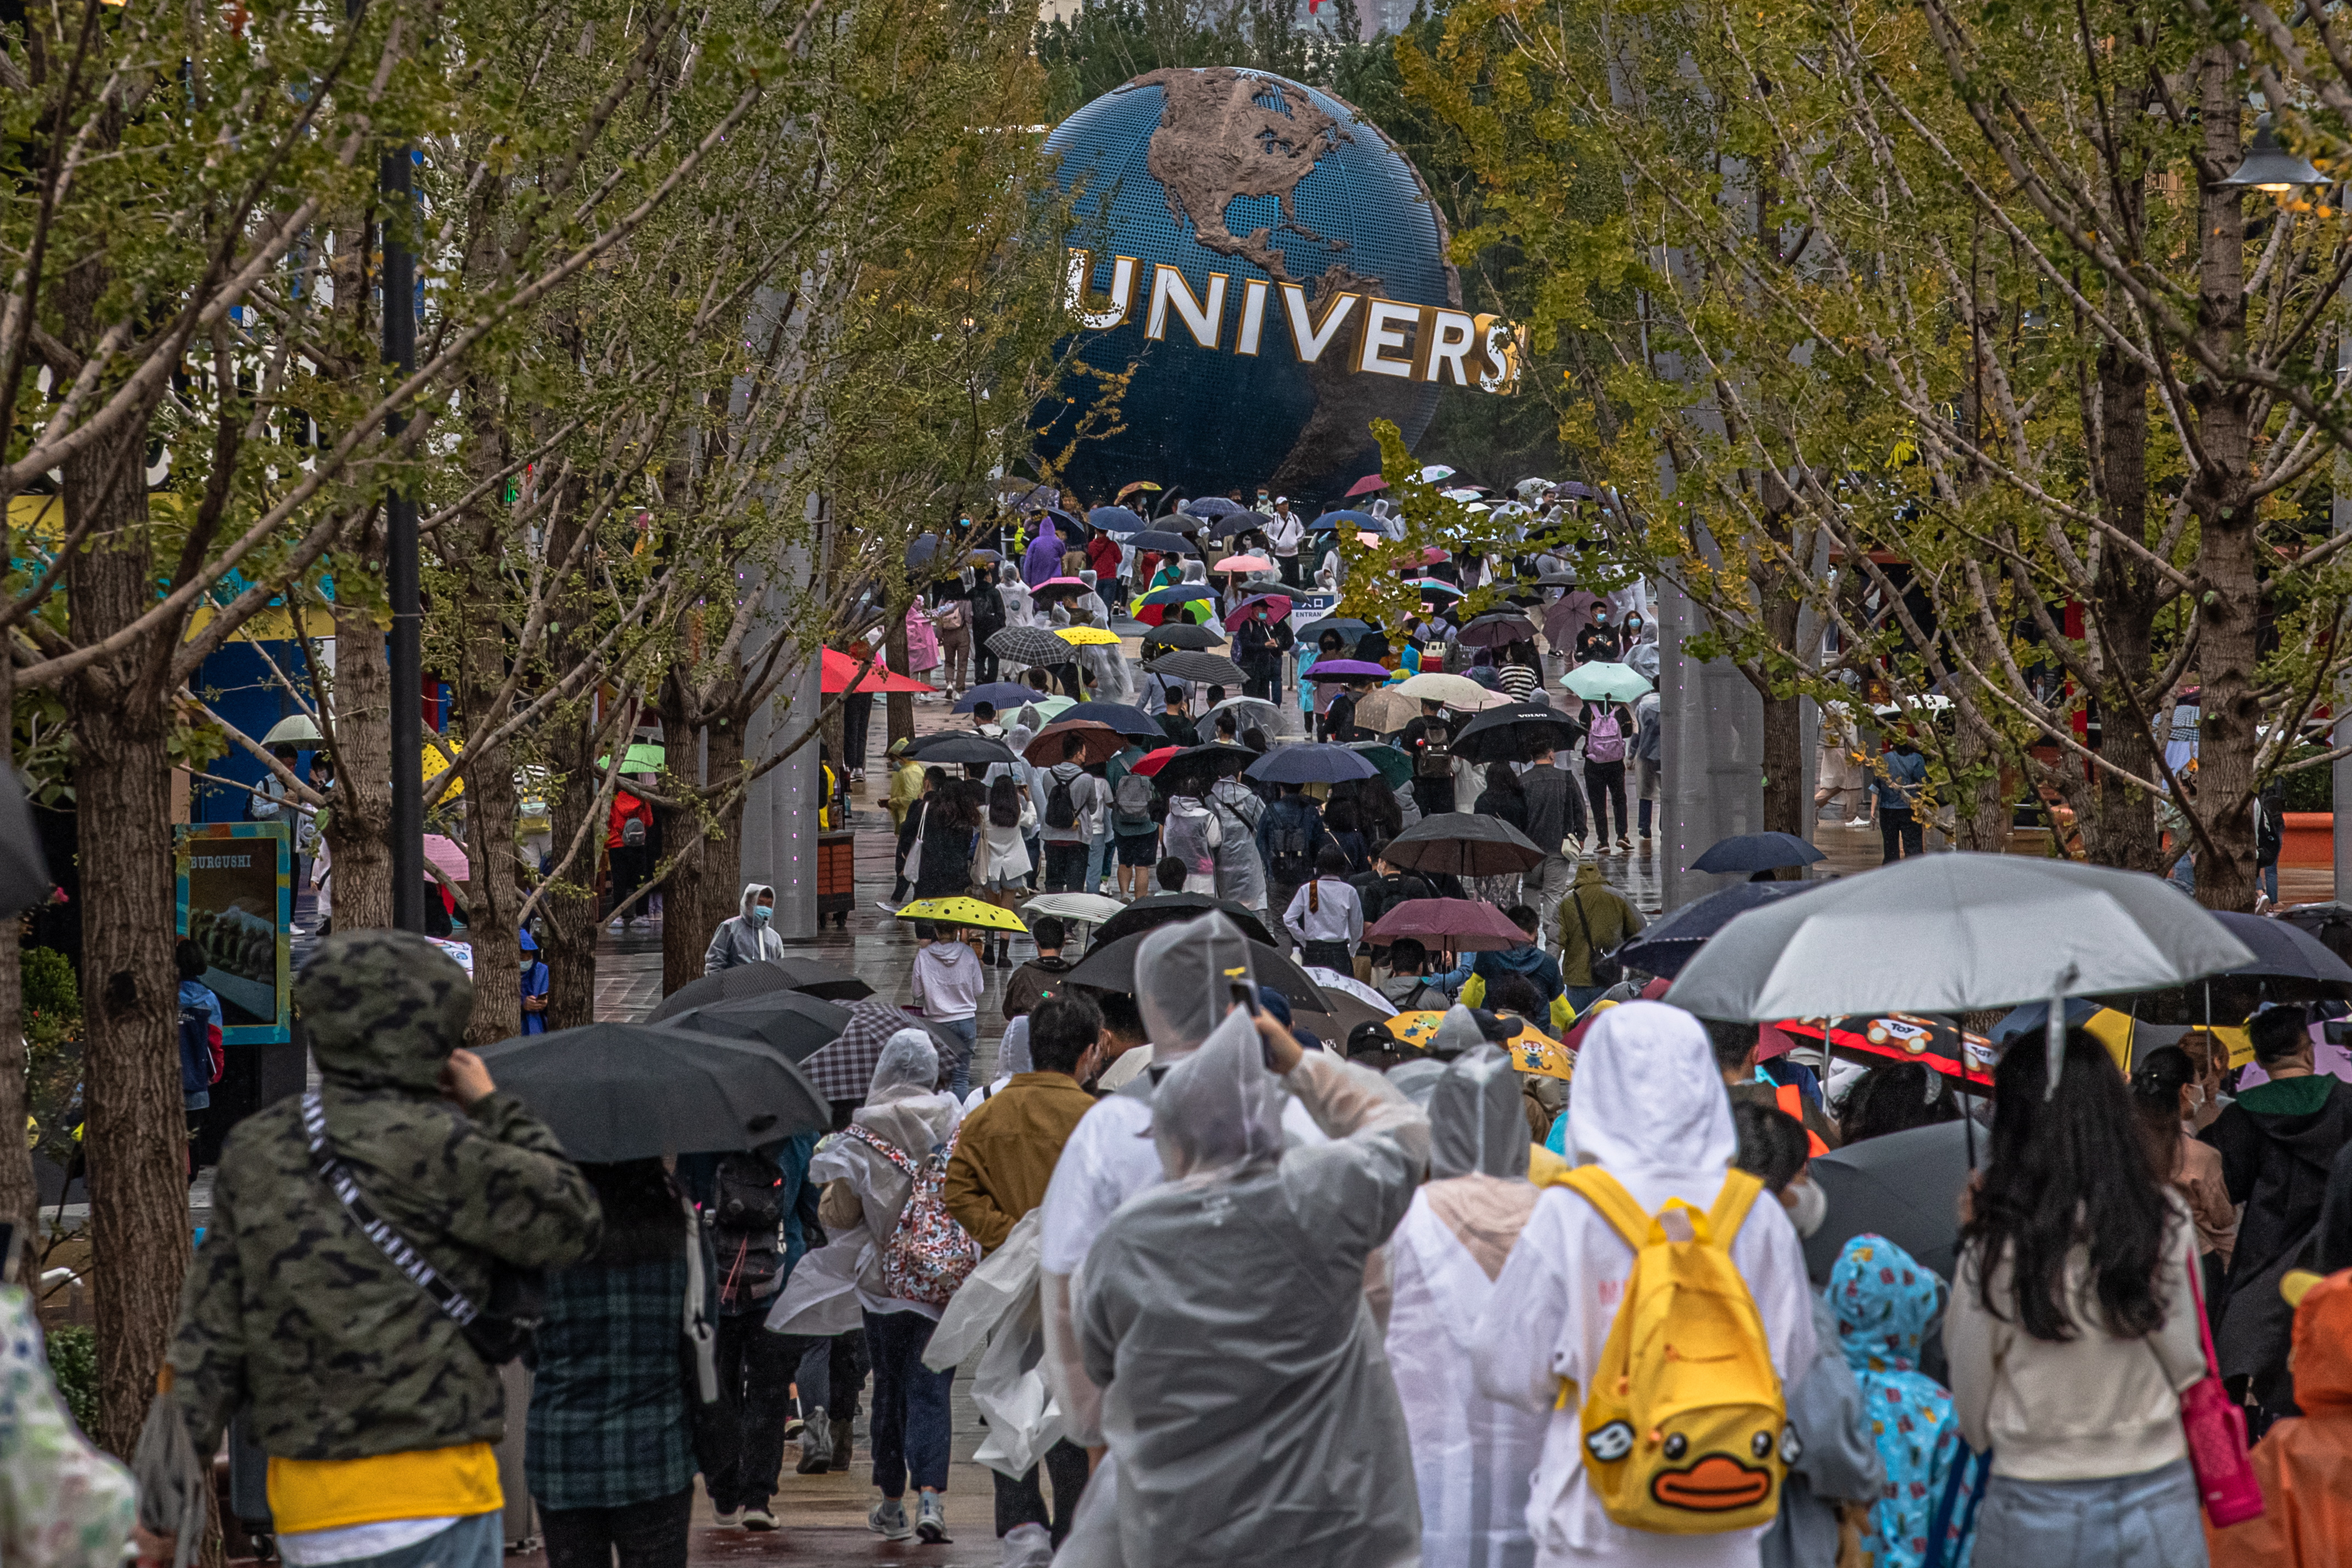 环球影城开园首日,民众大排长龙。欧新-埃菲社(photo:AppleDaily)